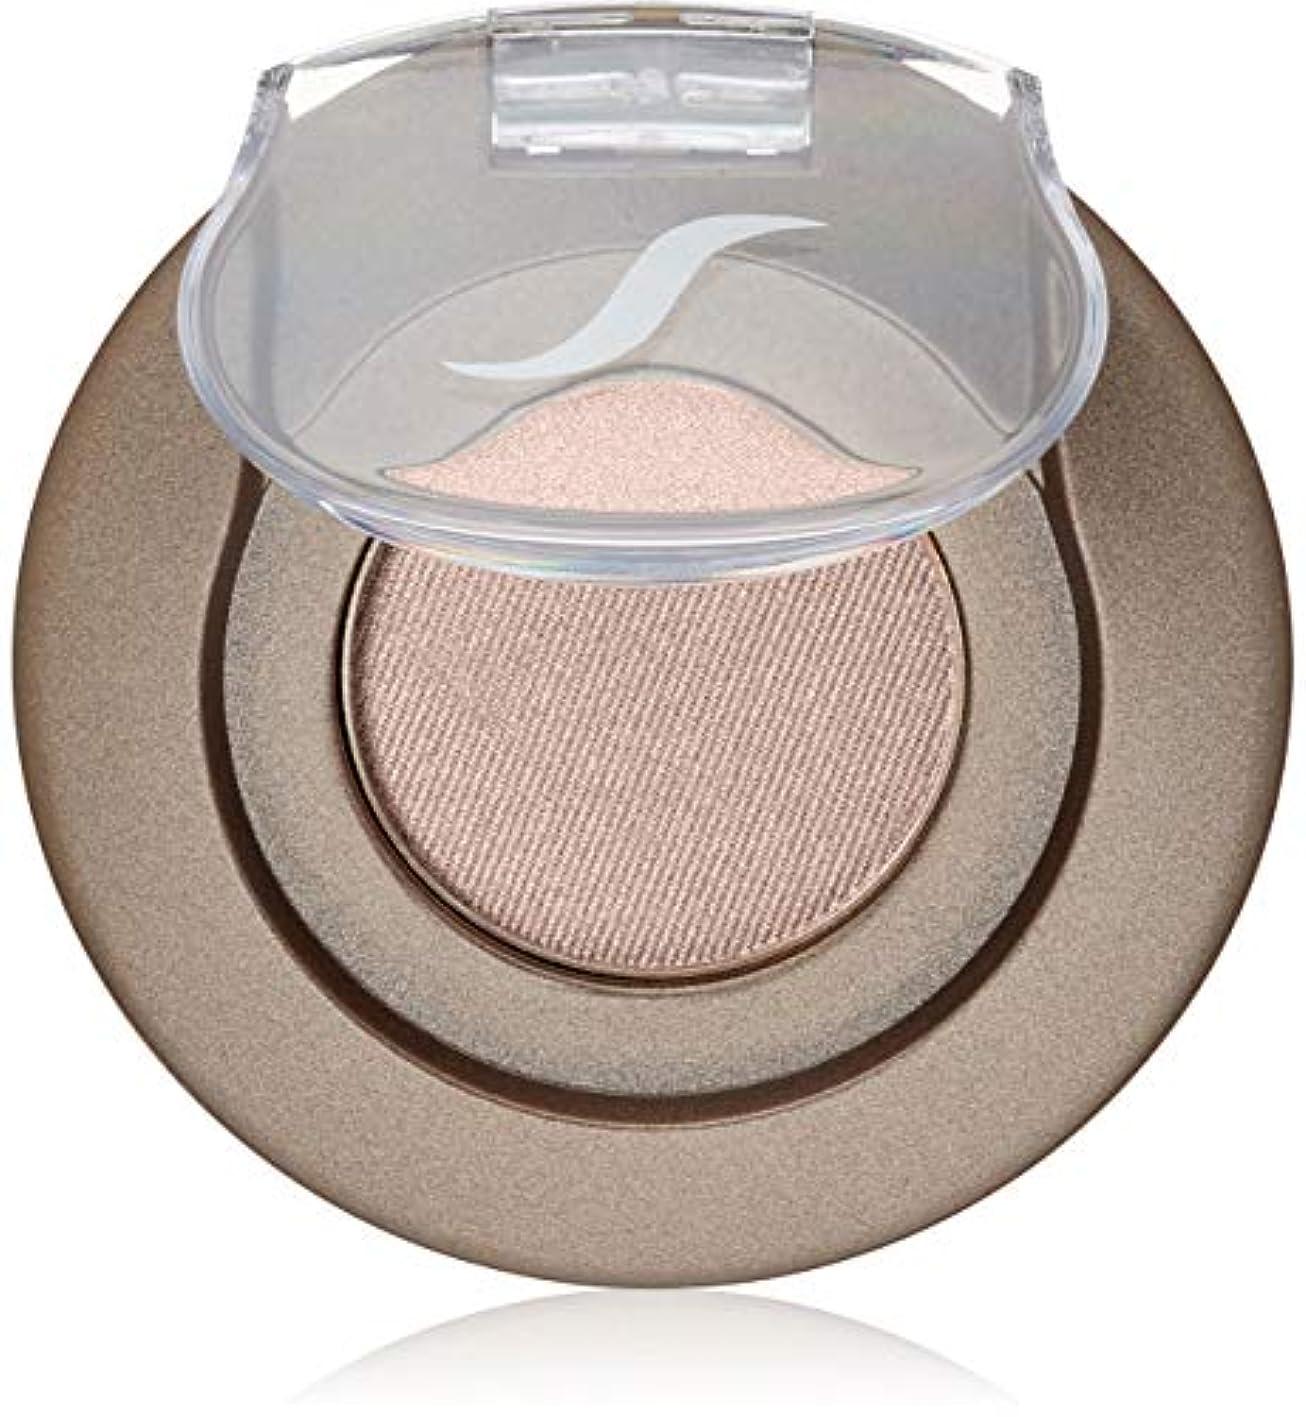 すなわち貯水池グリーンランドSorme' Treatment Cosmetics Sorme化粧品ミネラルボタニカルアイシャドー、0.05オンス 0.05オンス フラッシュ